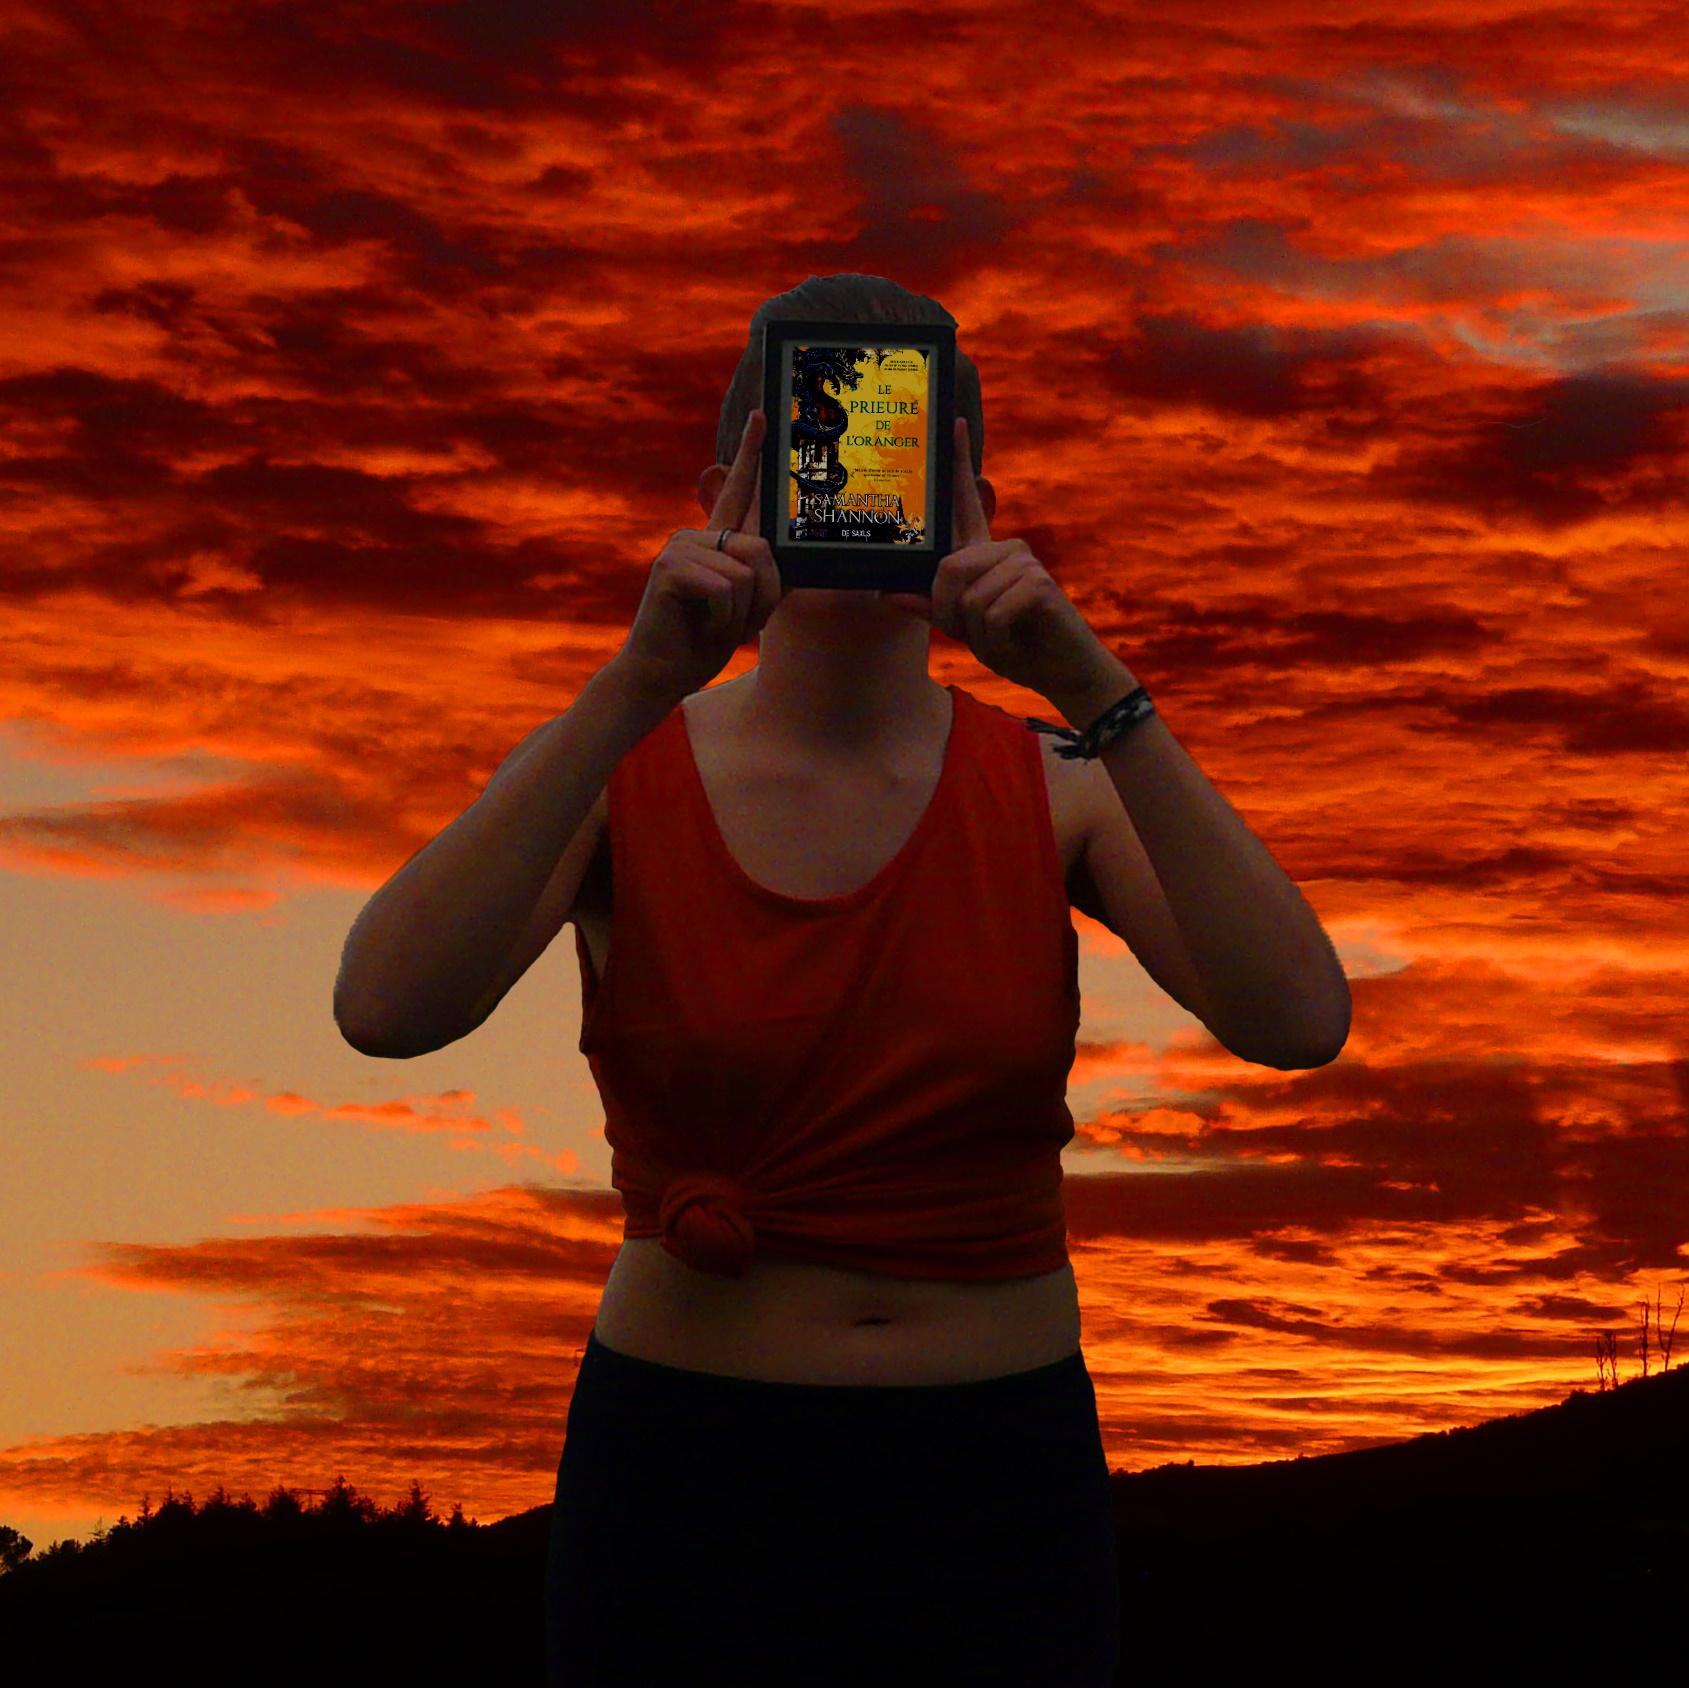 personne en débardeur lisant Le Prieuré de l'Oranger devant un coucher de soleil intense